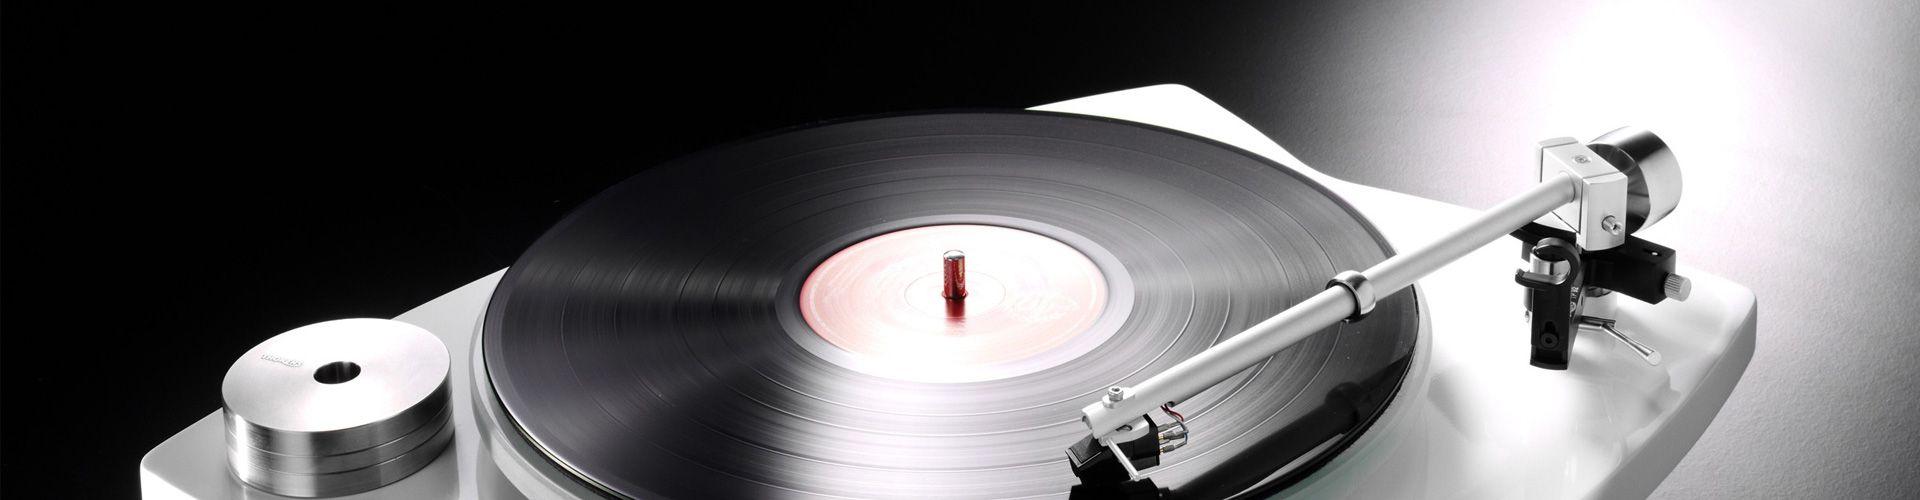 toutes les platines vinyles découvrez notre sélection au meilleur